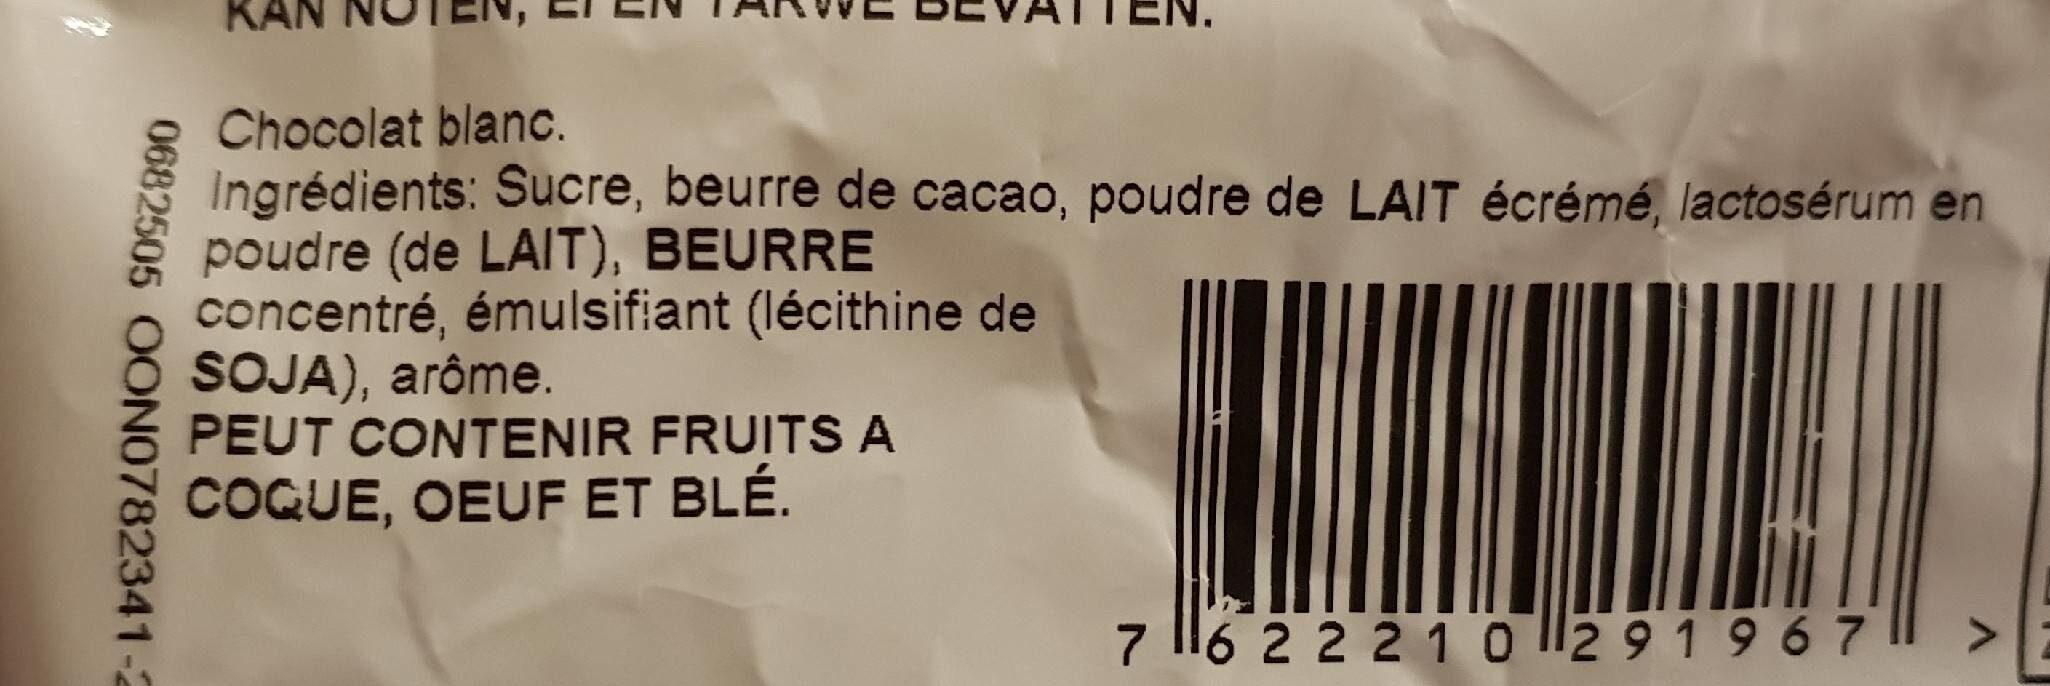 Oeufs milka blanc - Ingrediënten - fr